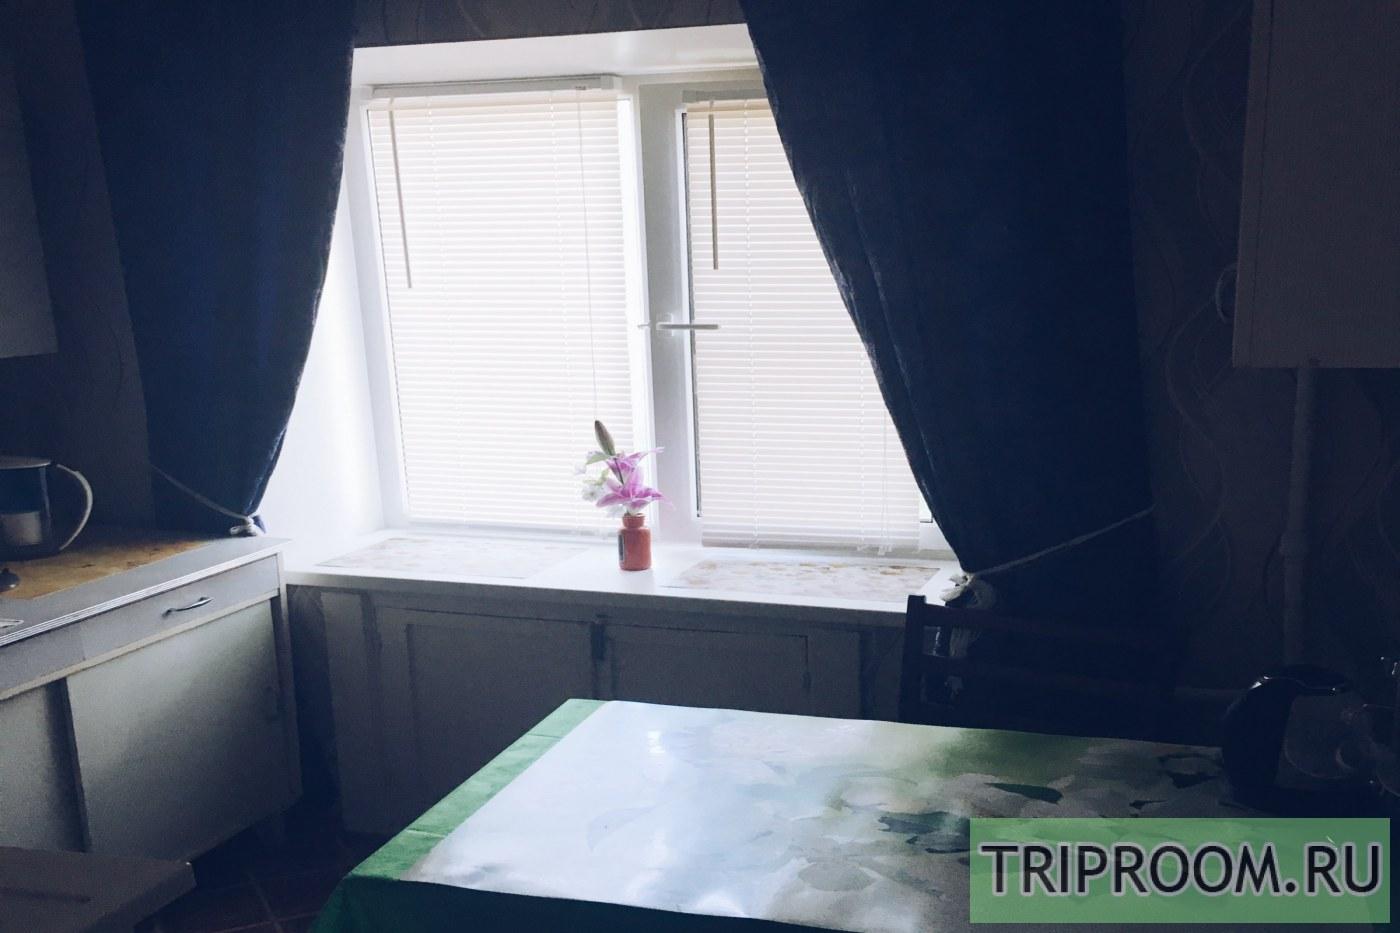 1-комнатная квартира посуточно (вариант № 31160), ул. Жуковского улица, фото № 9